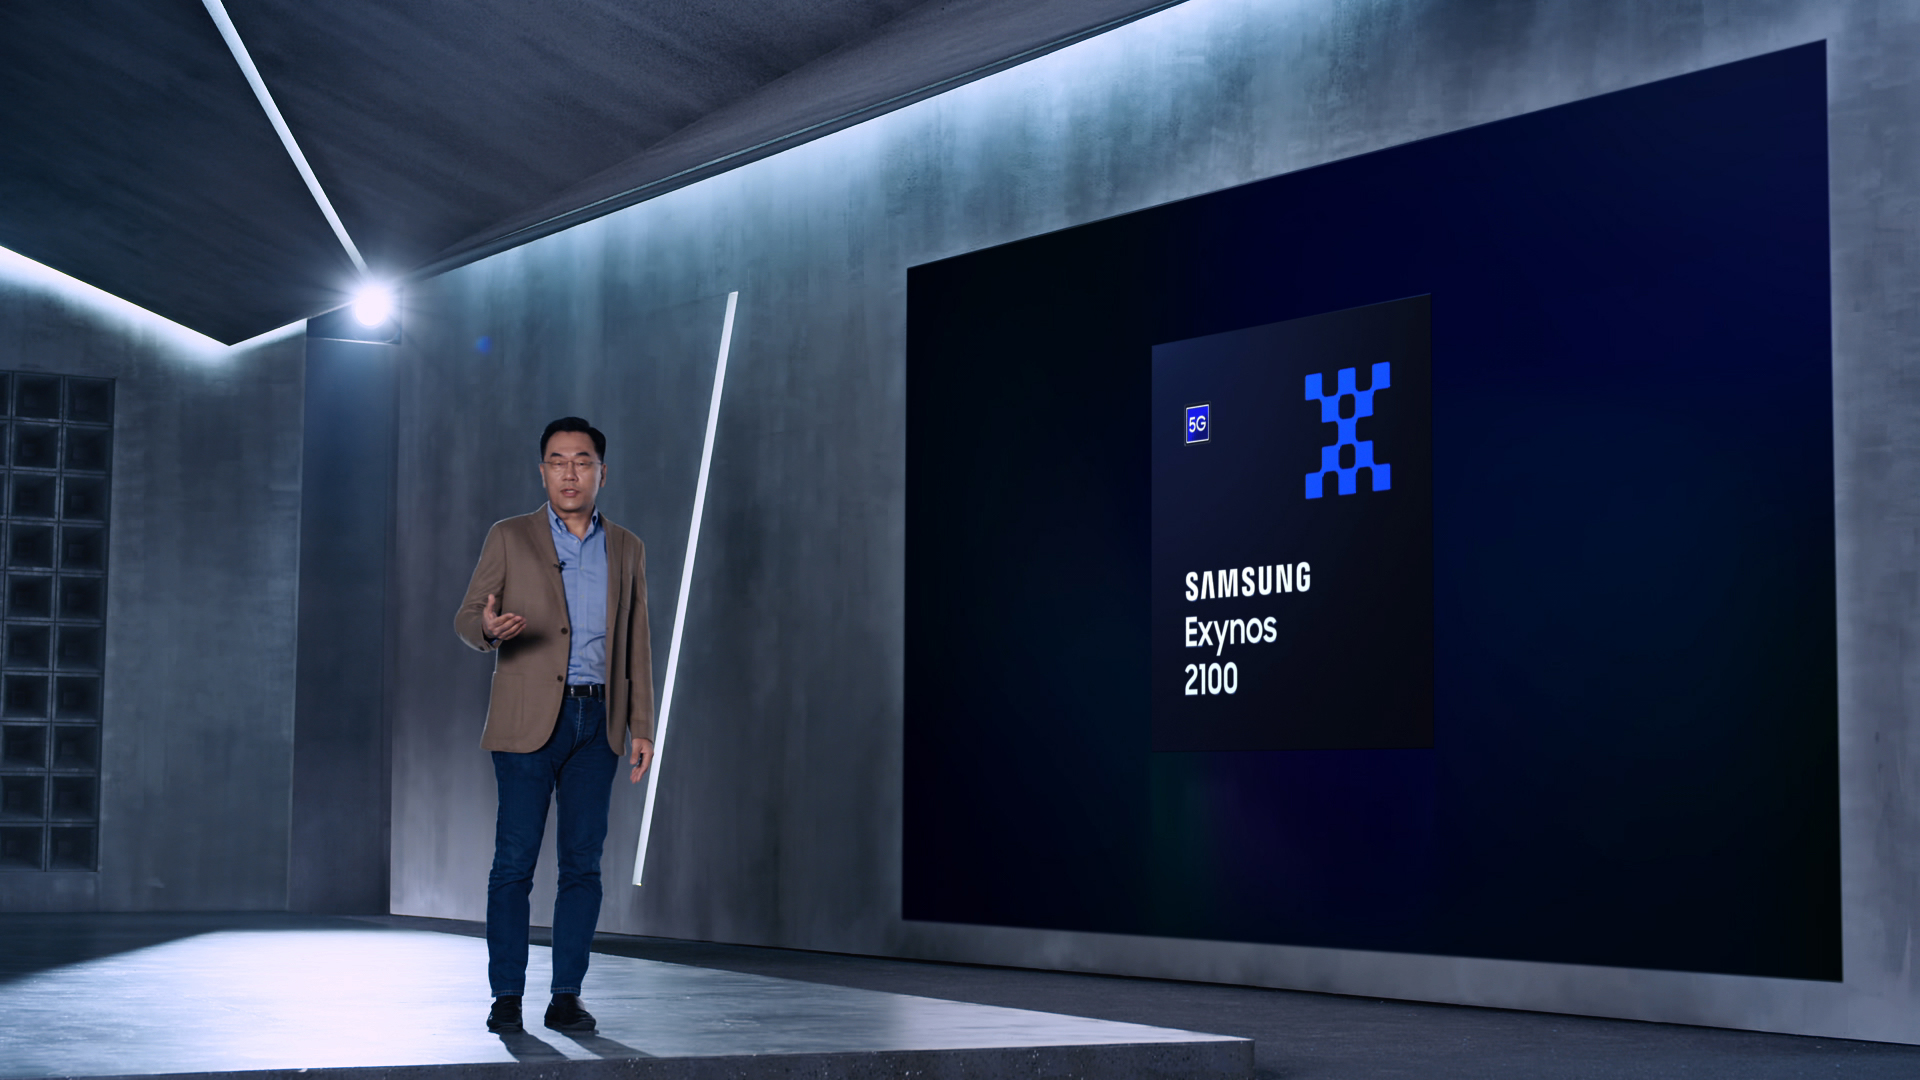 Samsung работает над процессором, который превзойдёт Apple A14 Bionic в производительности (Exynos 2100 dl4 large)